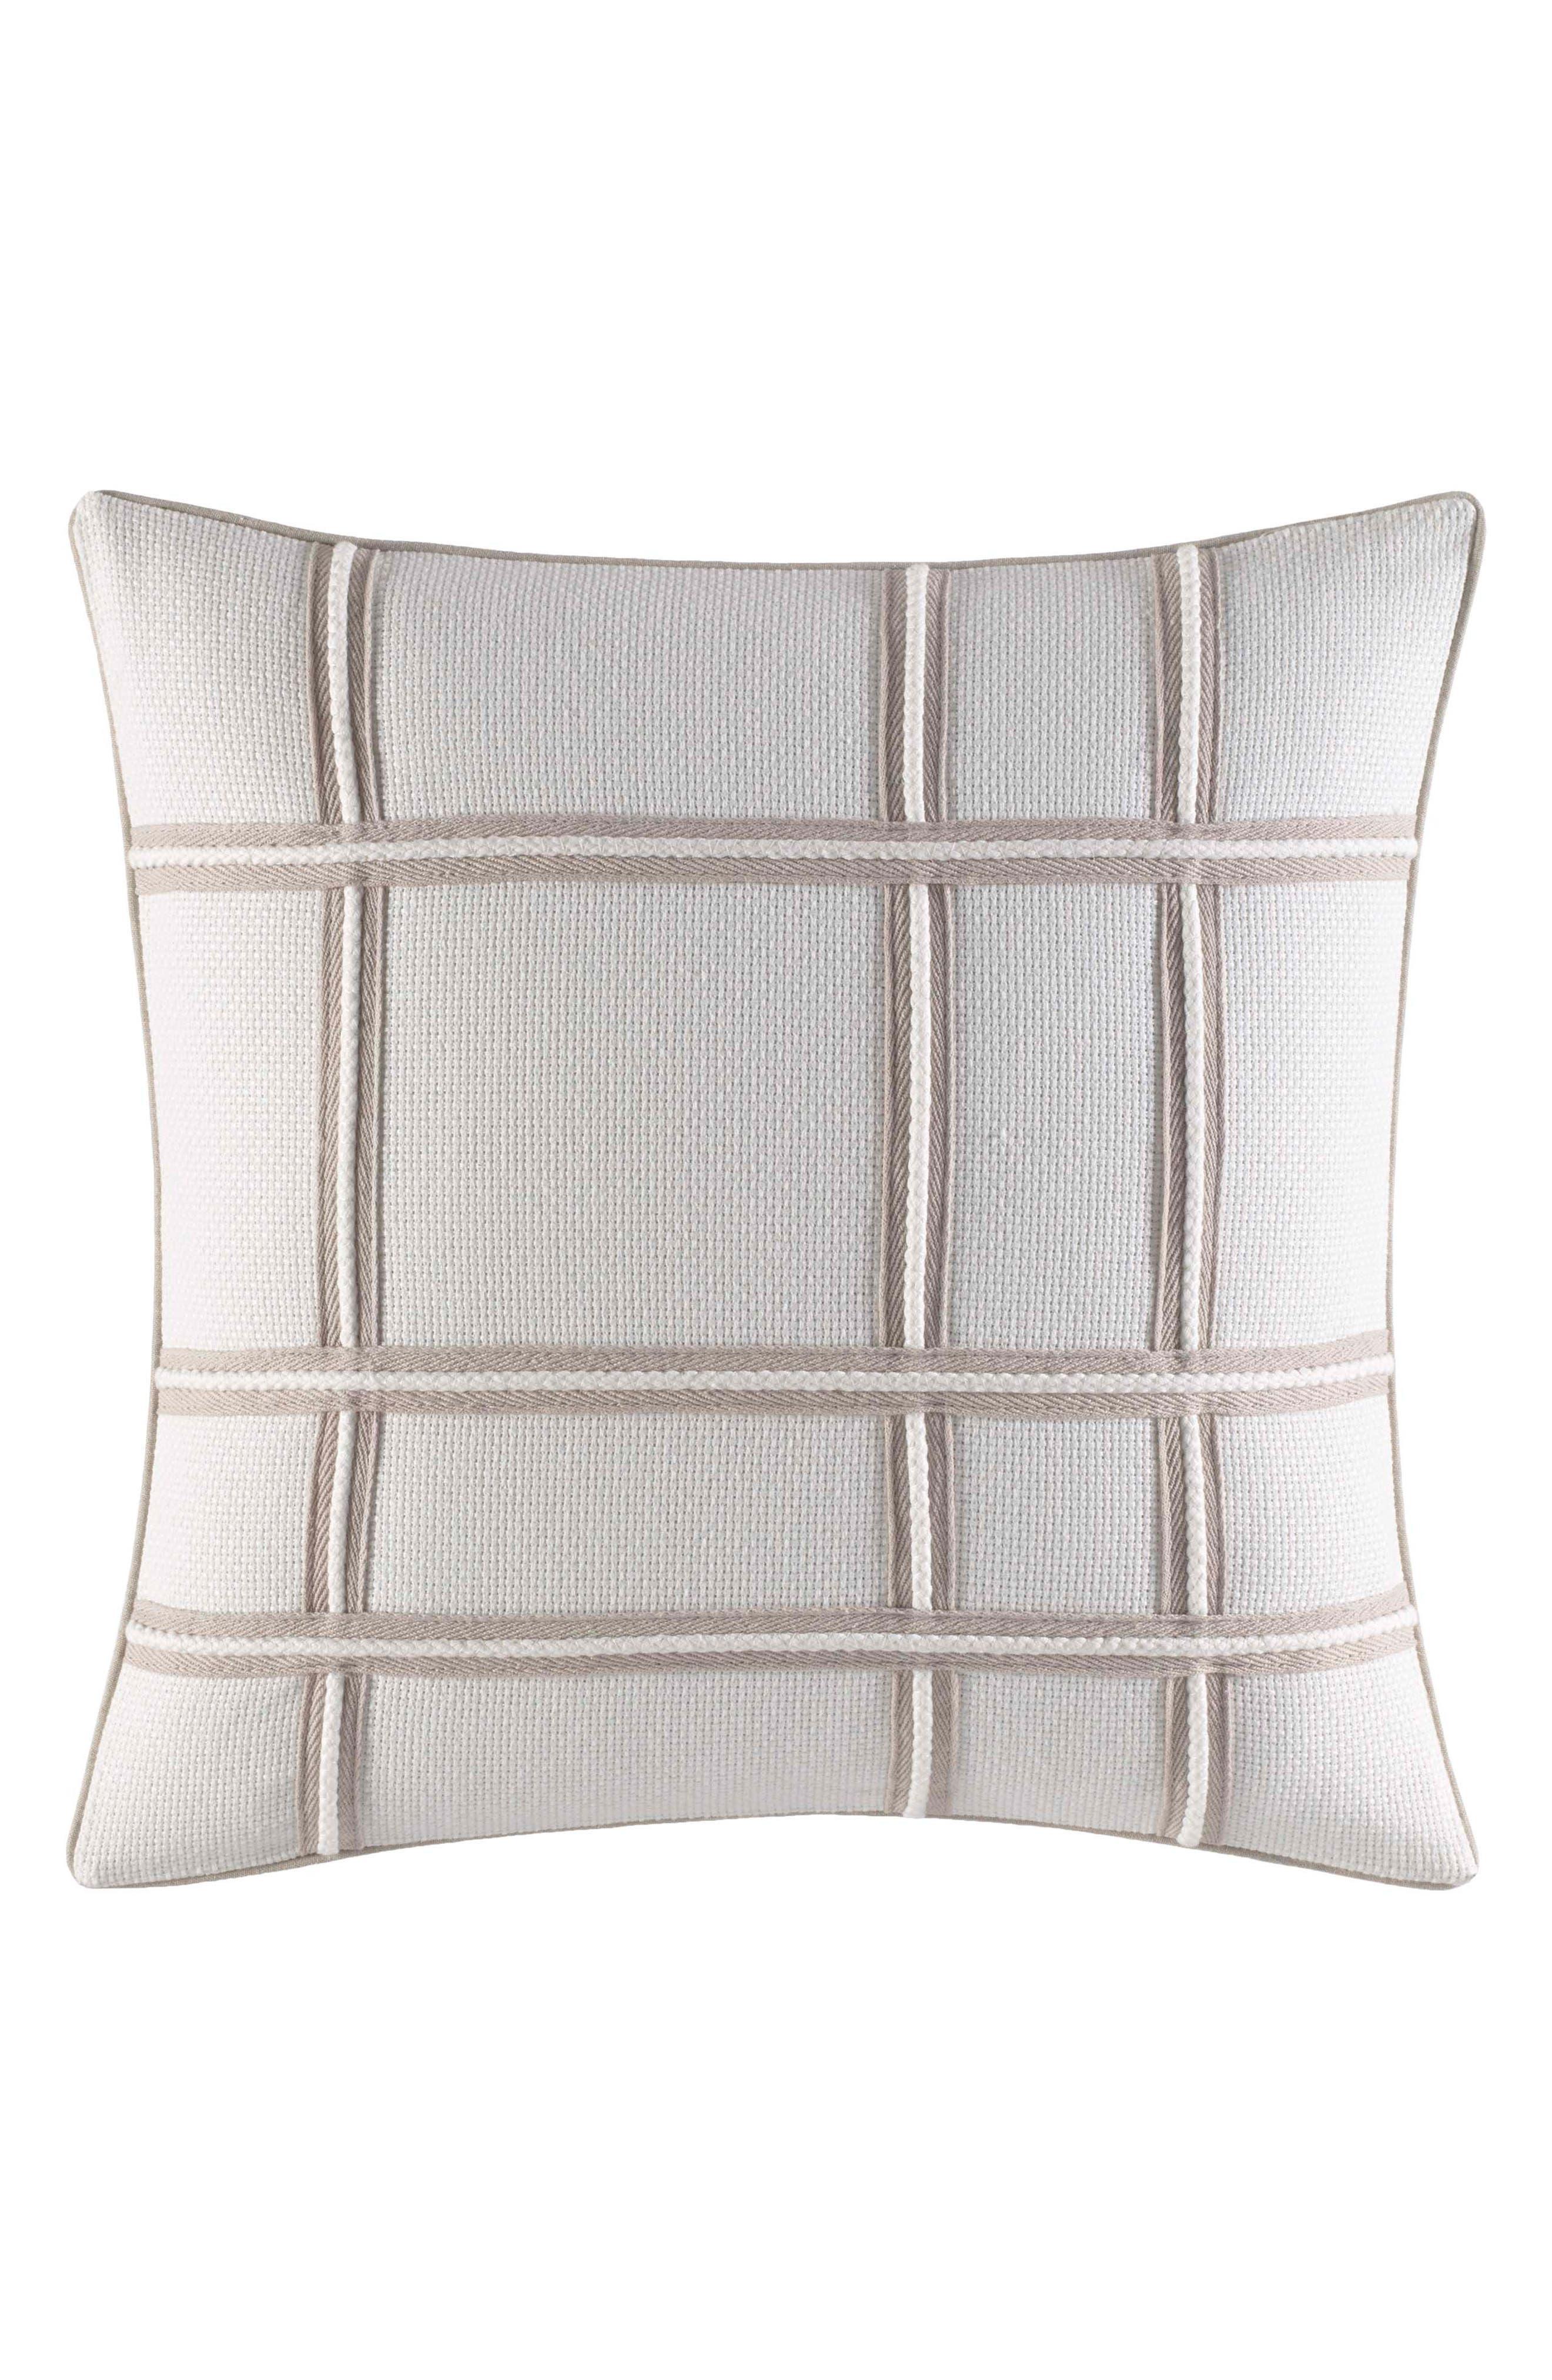 Abbot Rope Appliqué Accent Pillow,                             Main thumbnail 1, color,                             100